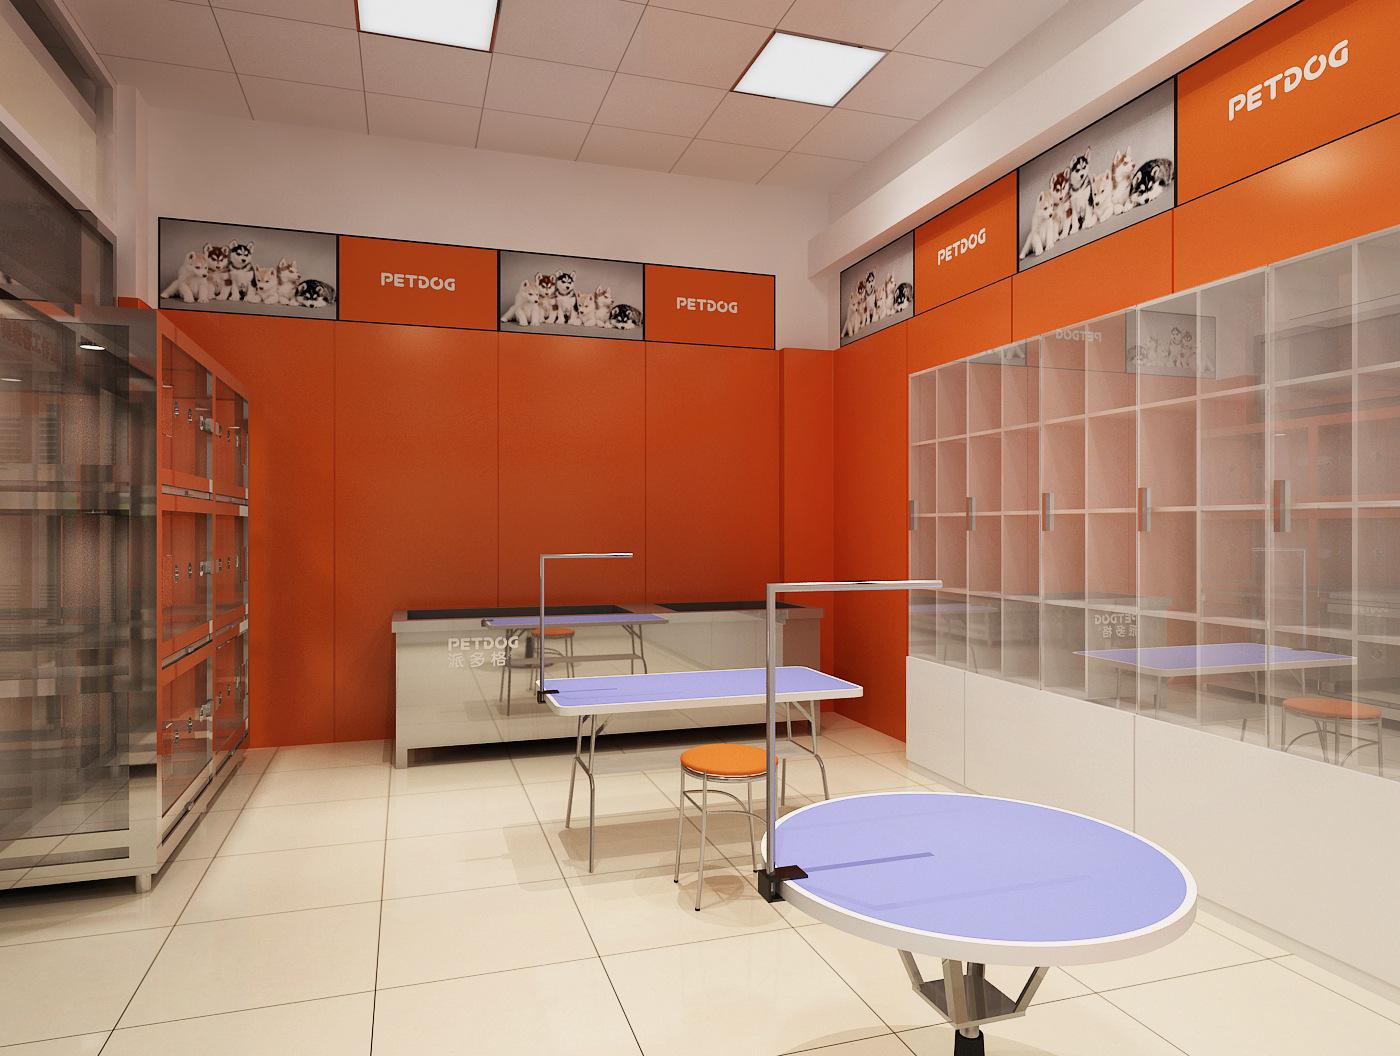 成都宠物店装修空间设计重点